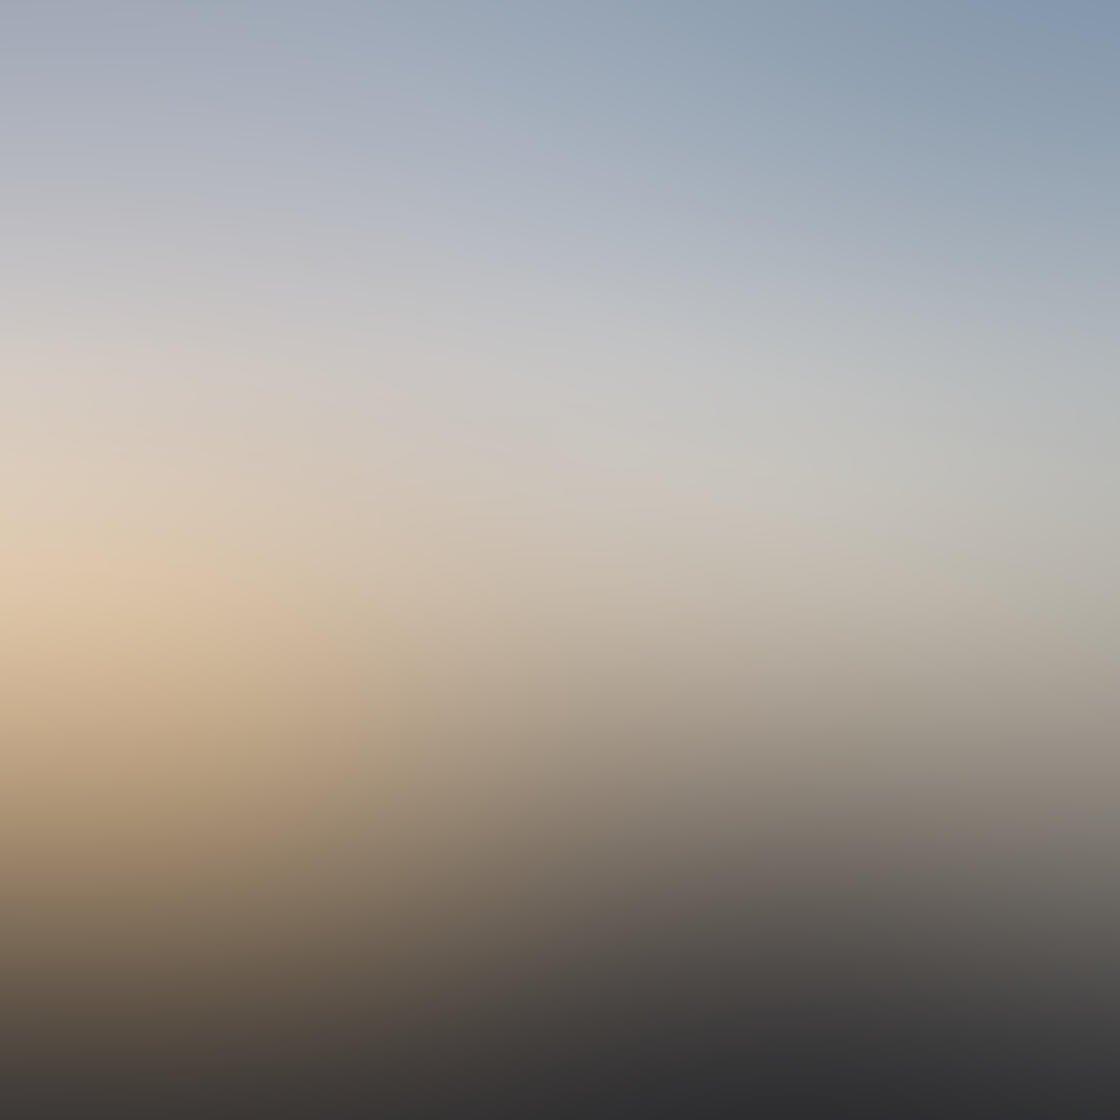 Landscape iPhone Photo Composition 1